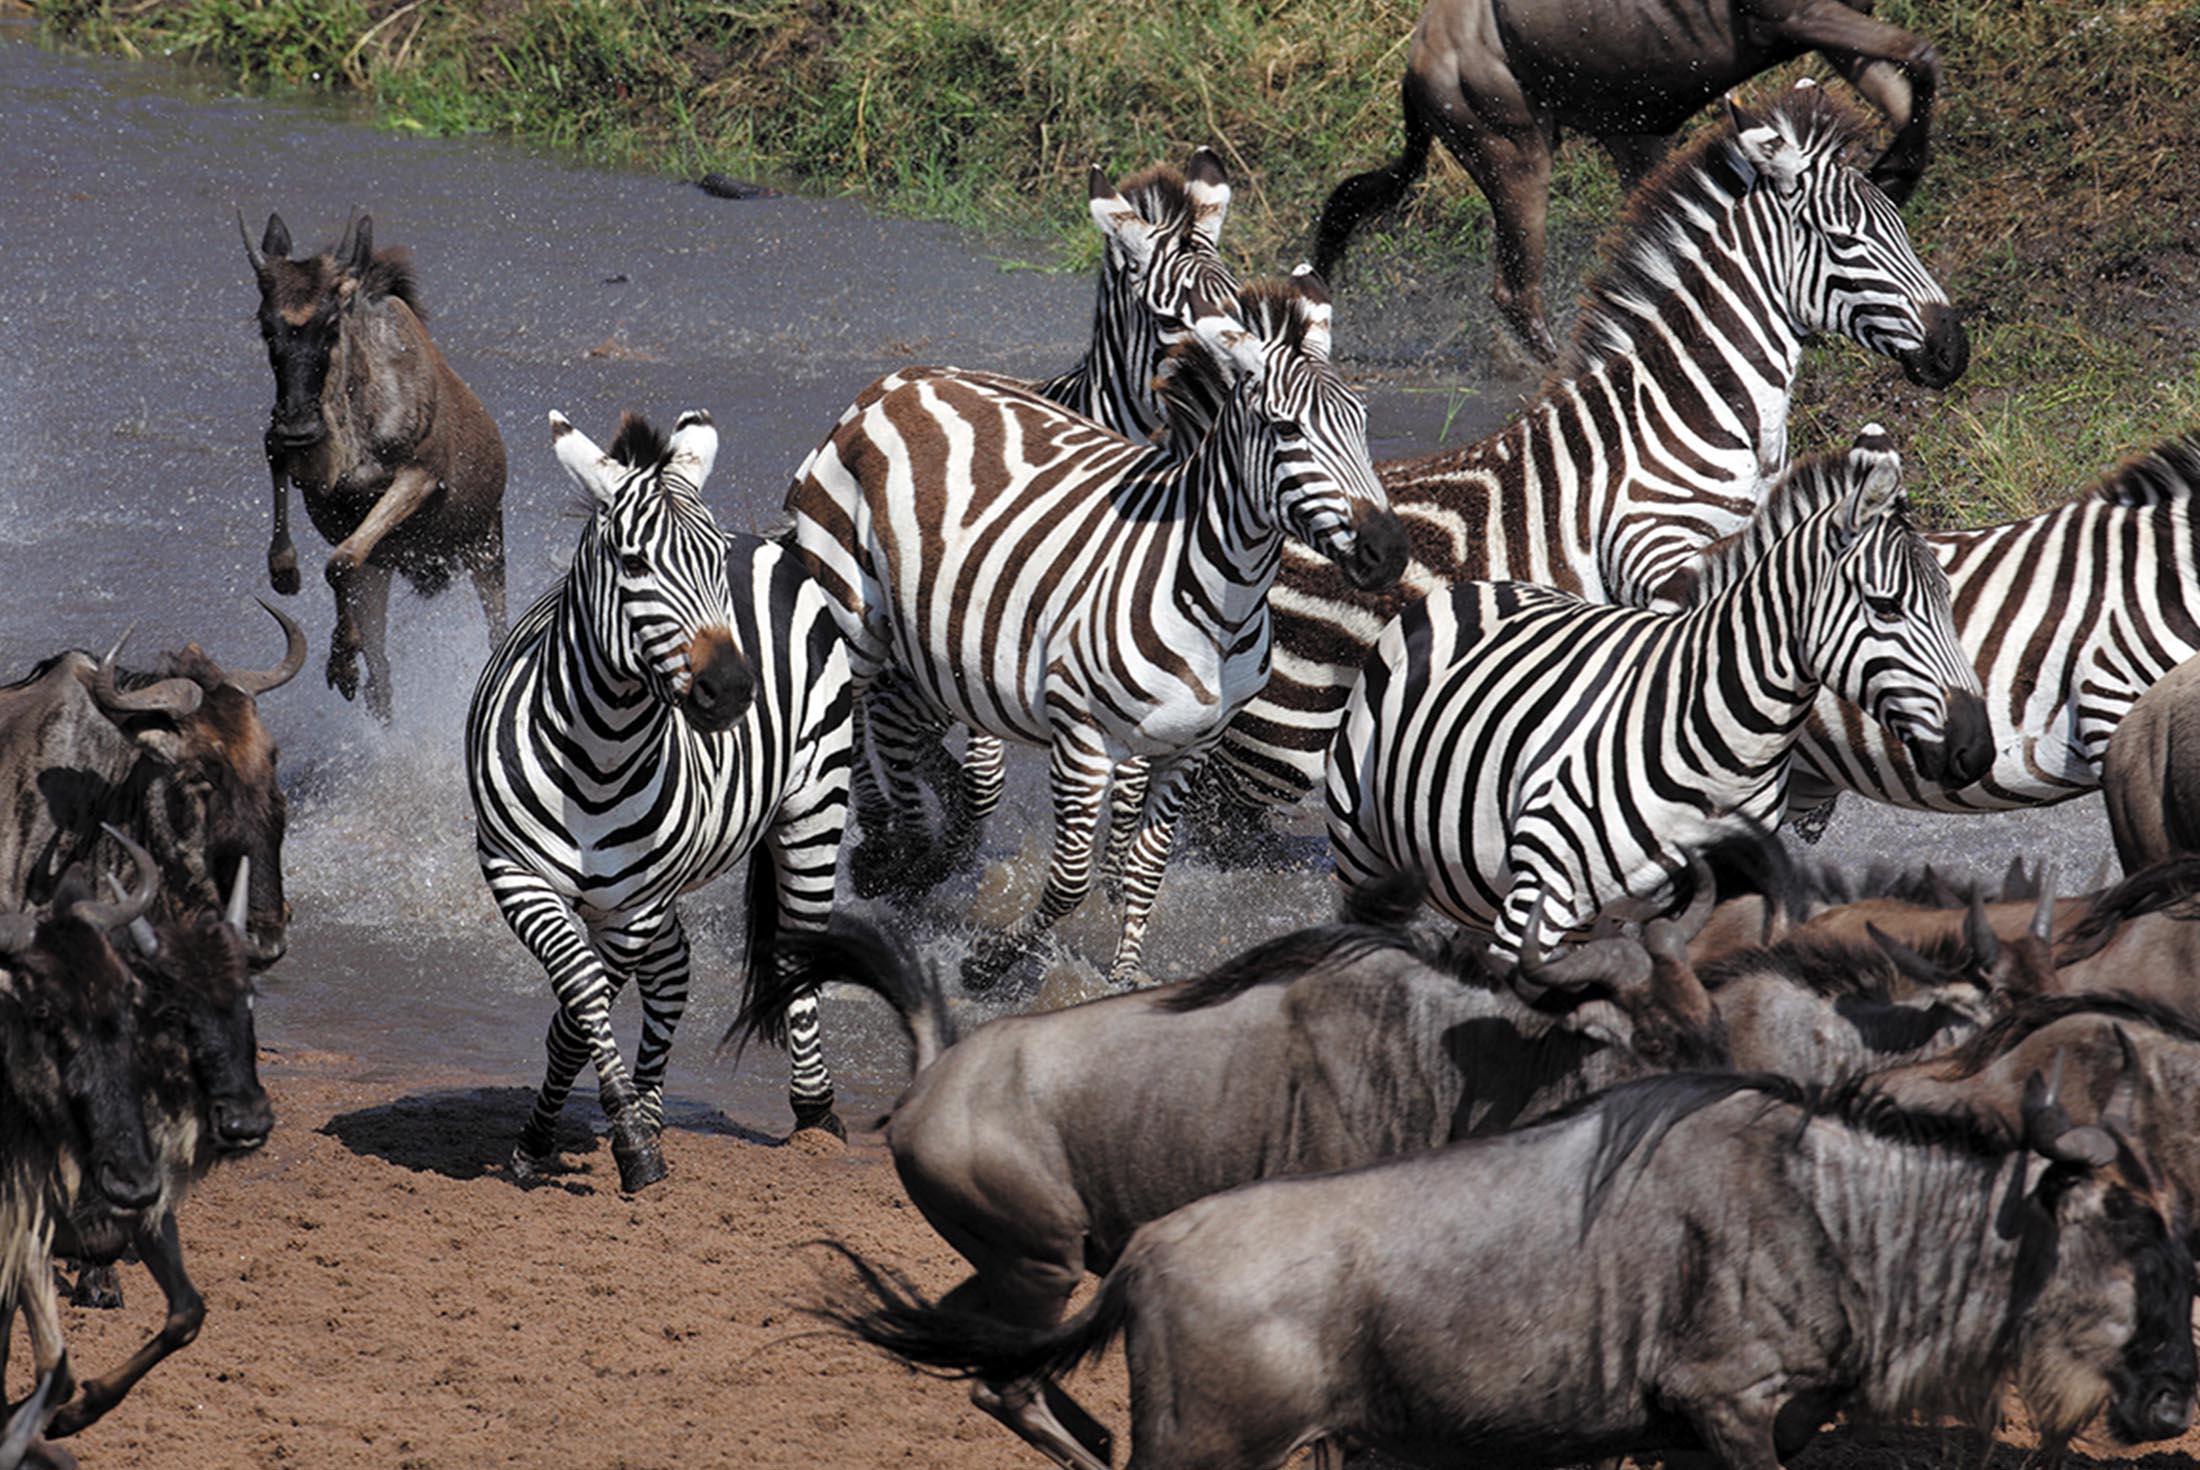 Kenya Safari Experience - Independent 2